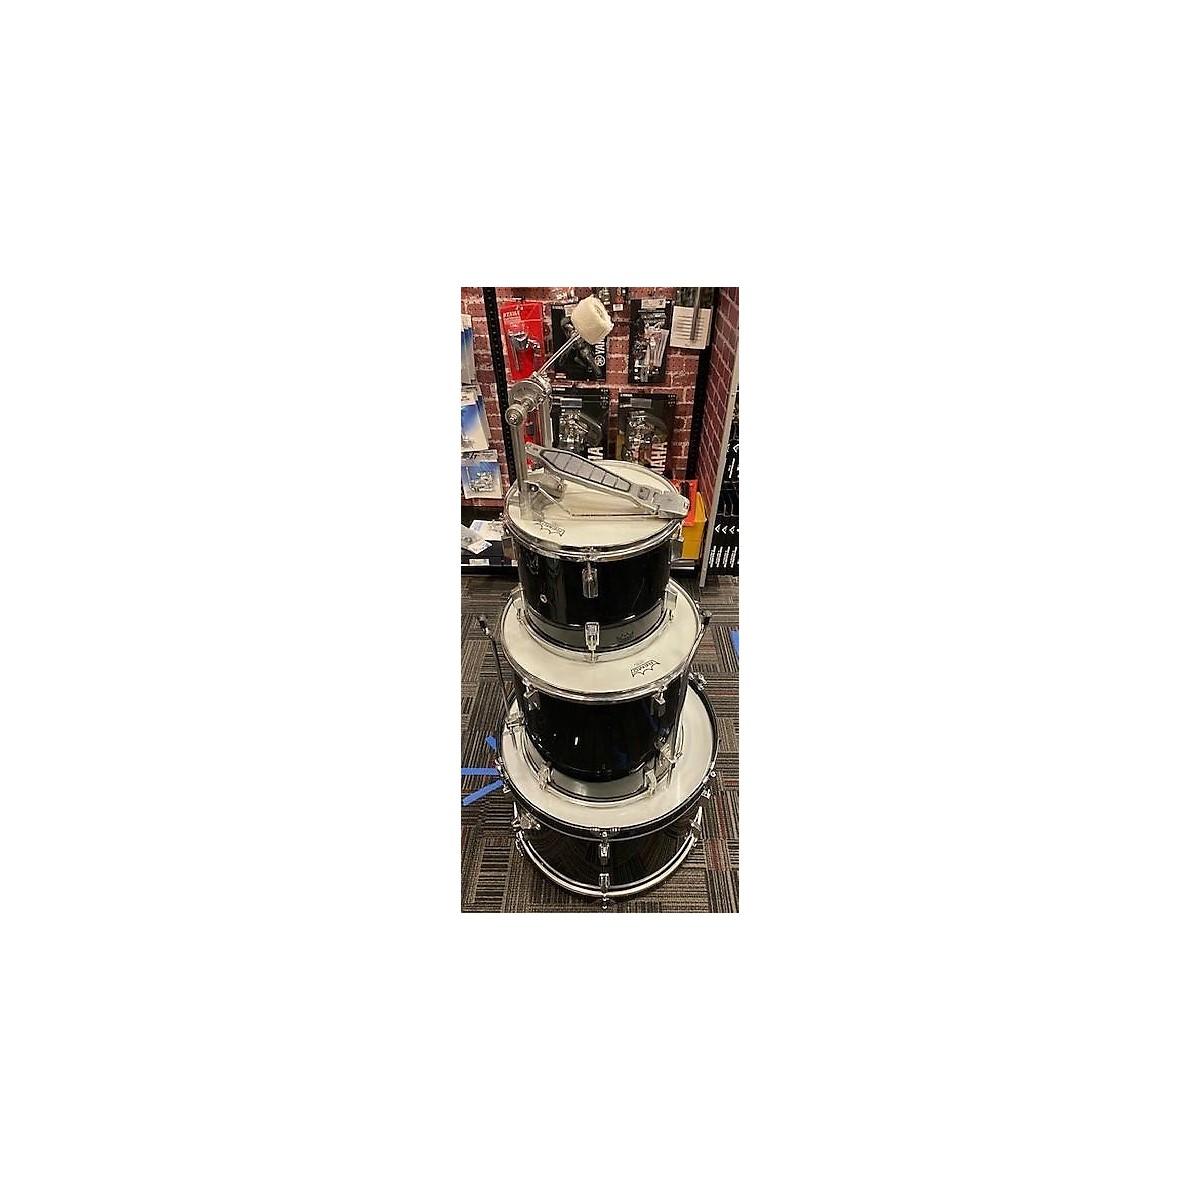 CB Percussion SP Drum Kit